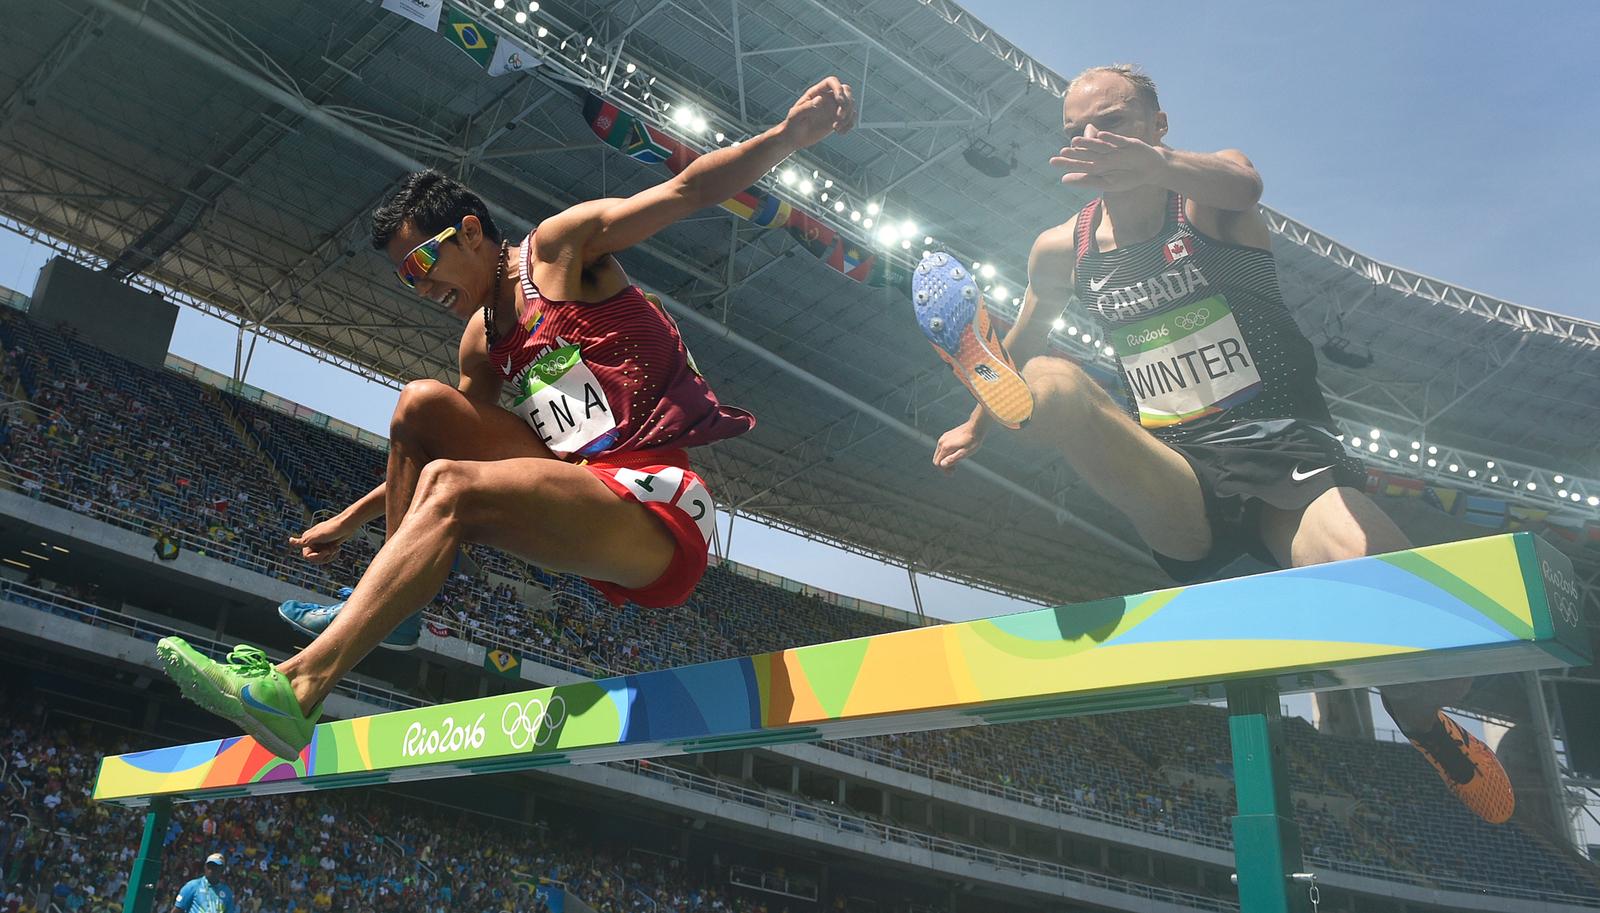 Легкоатлеты Хосэ Пенья из Венесуэлы и Крис Уинтер из Канады (справа) во время бега с препятствиямии